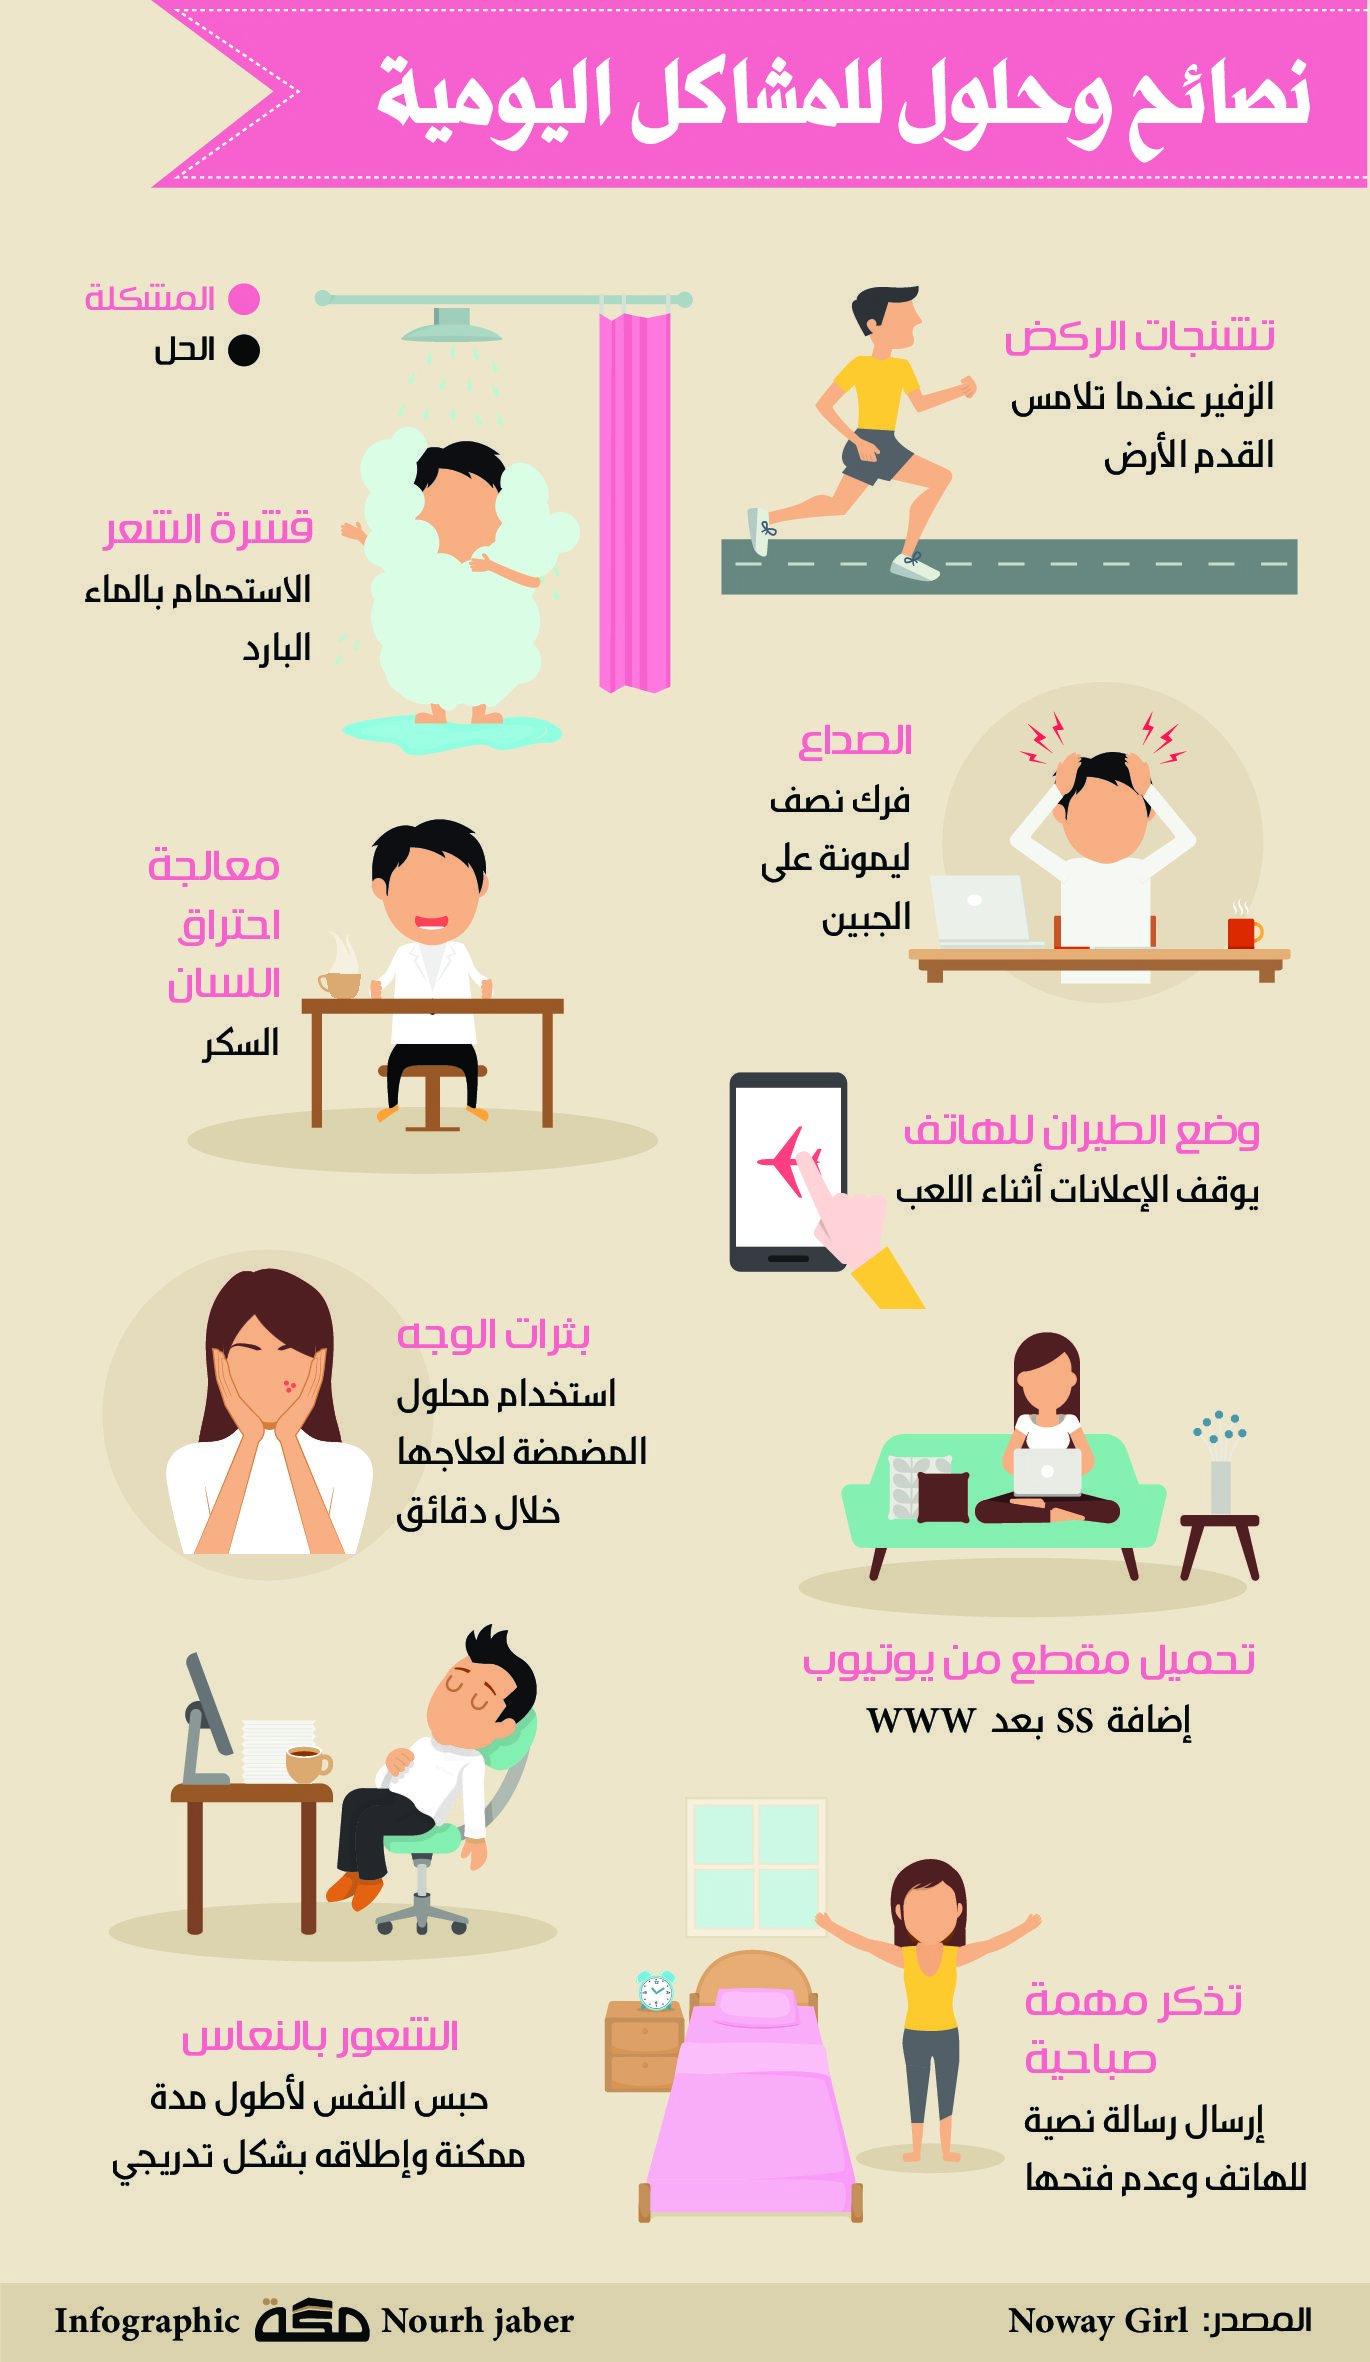 نصائح وحلول للمشاكل يومية انفوجرافيك صحيفة مكة تطويرالذات Useful Life Hacks Infographic Bookmarks Kids